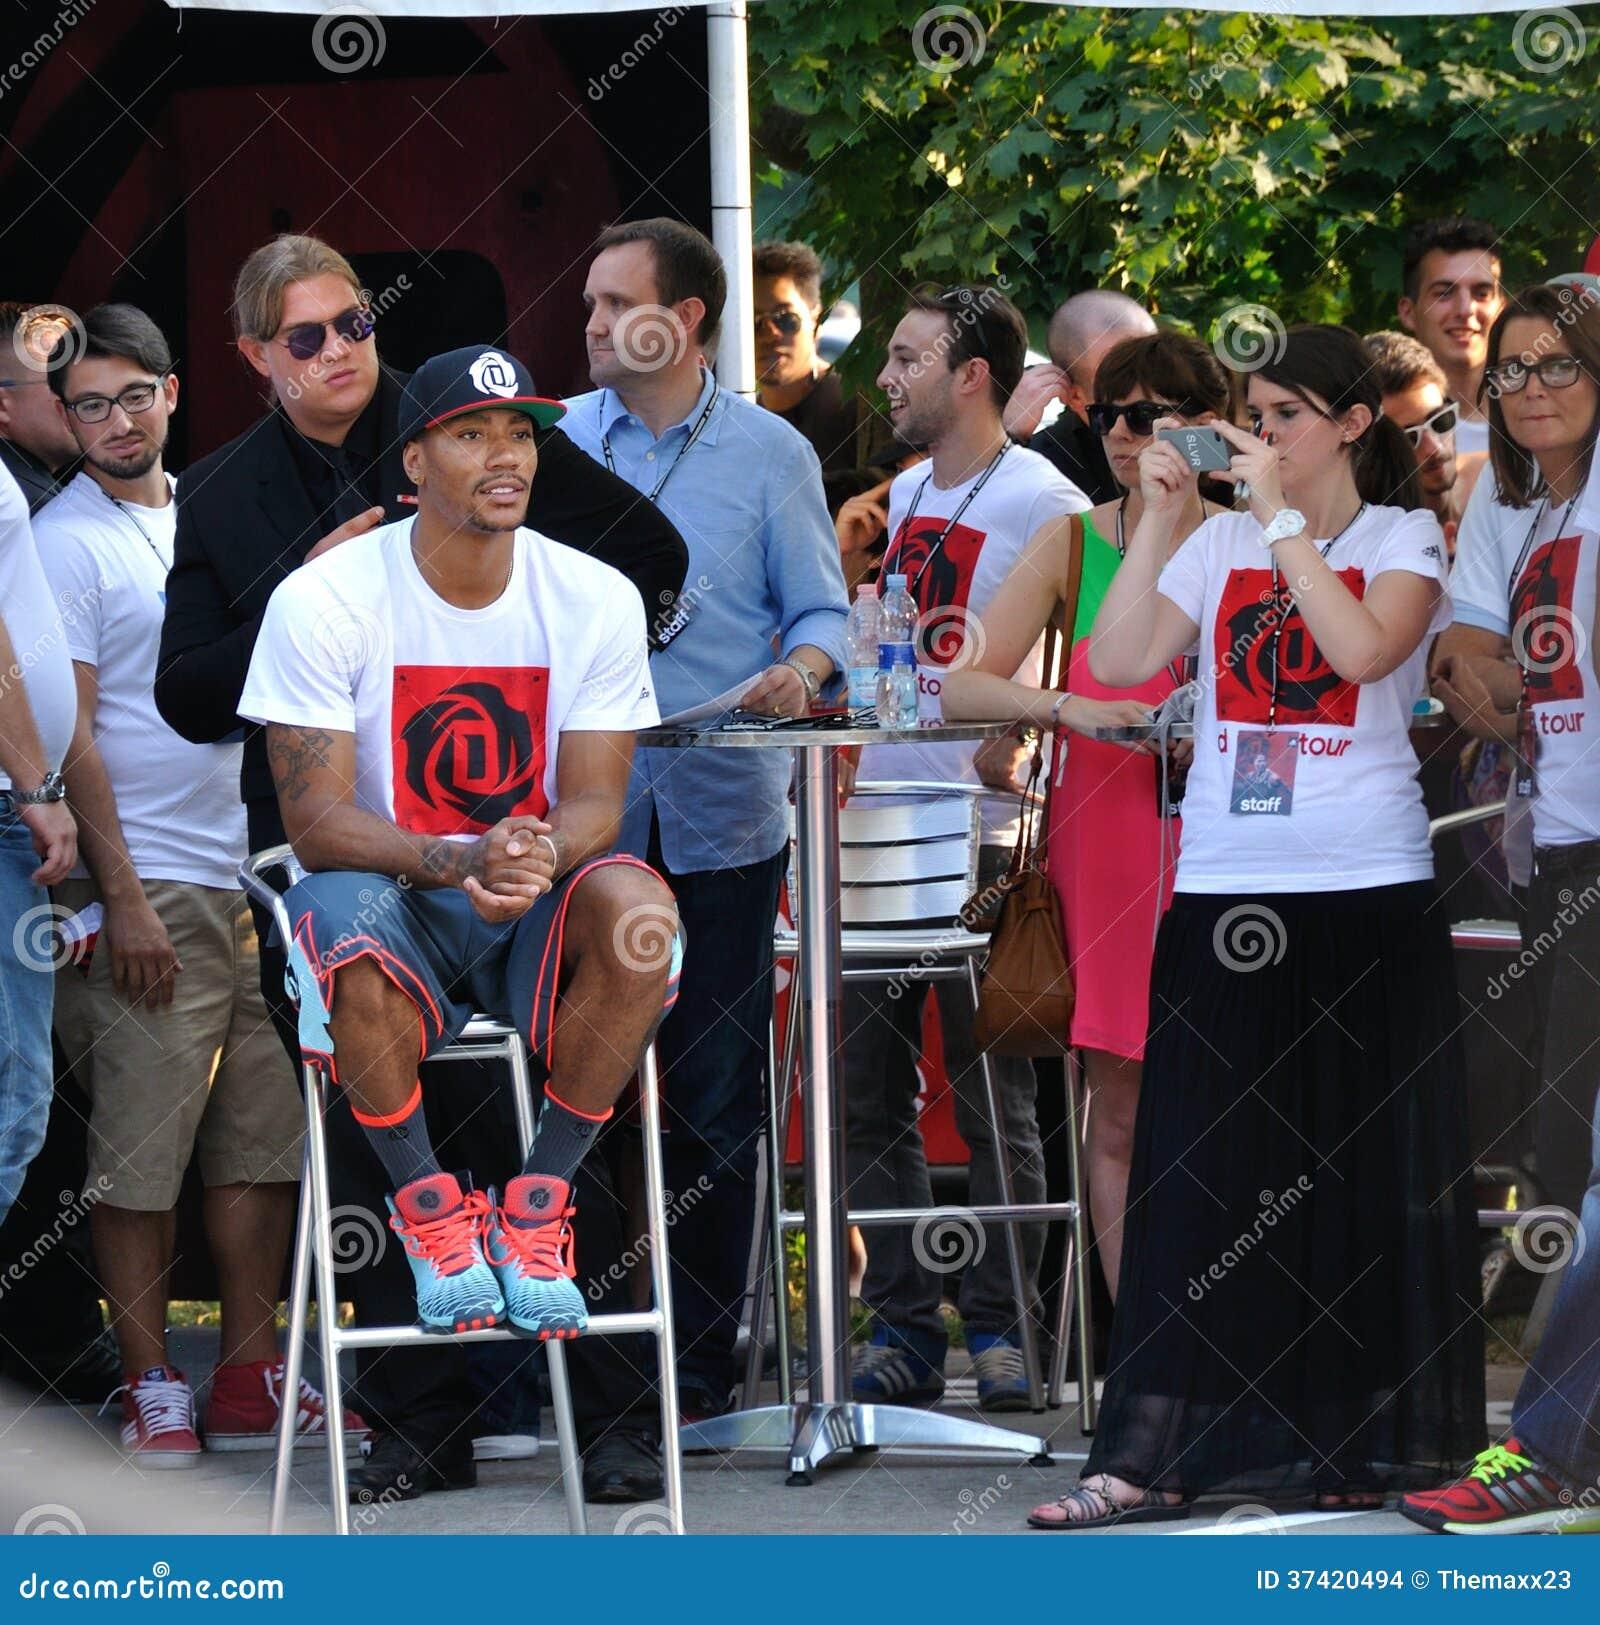 Derrick Rose Milan Tour 2013